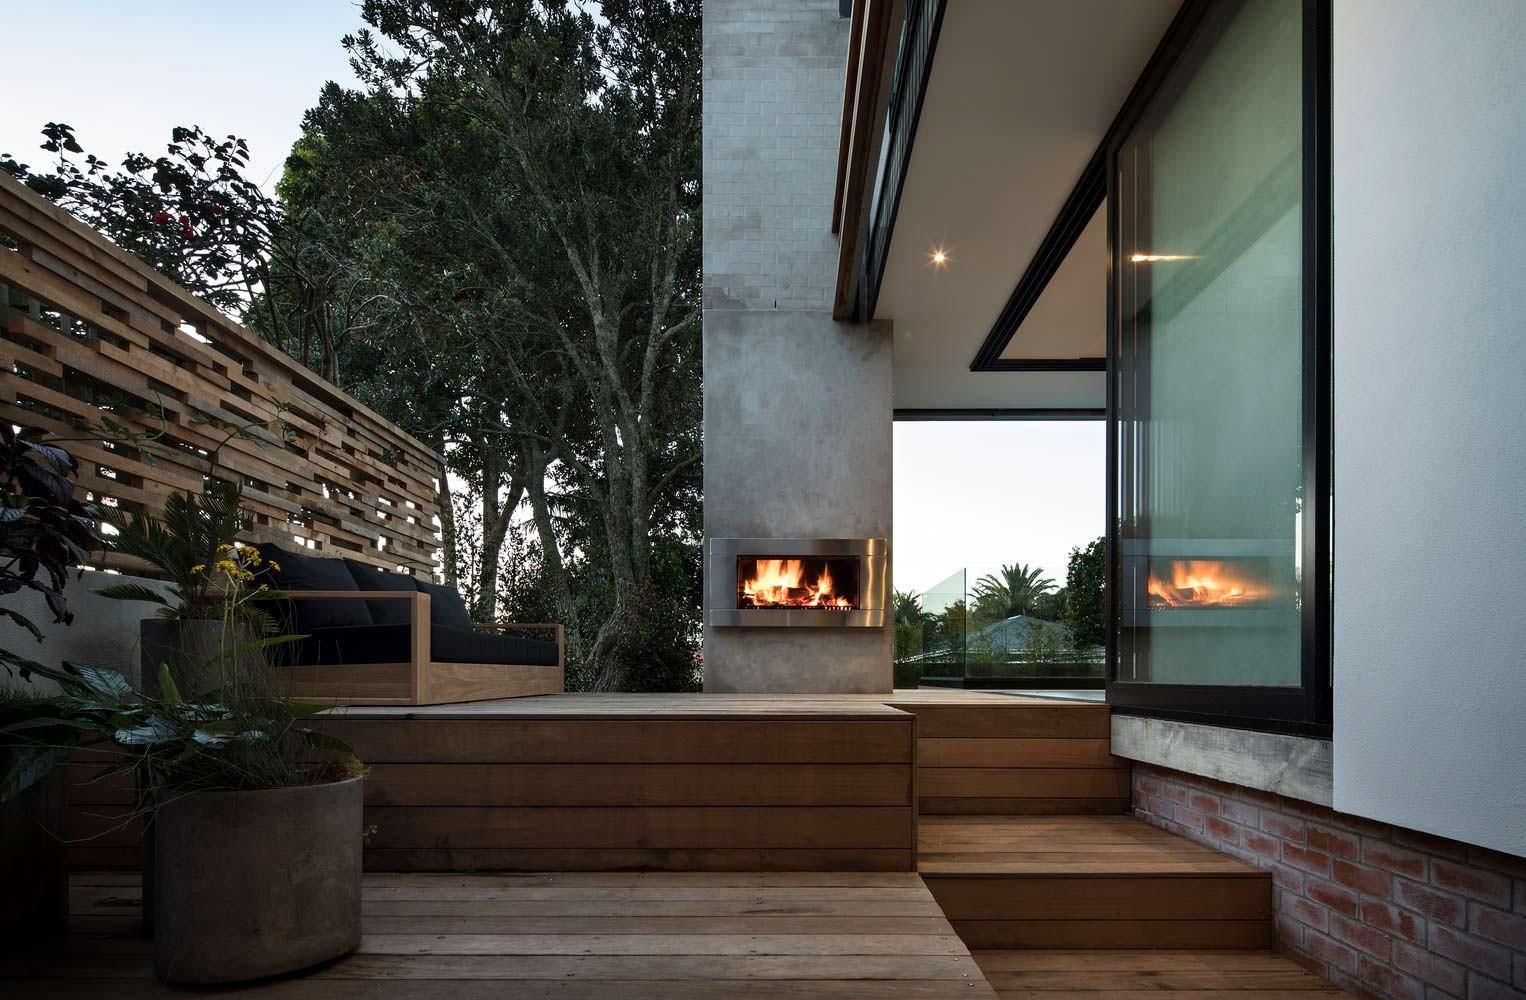 Внешний камин у дома и диван. Дизайн Matter